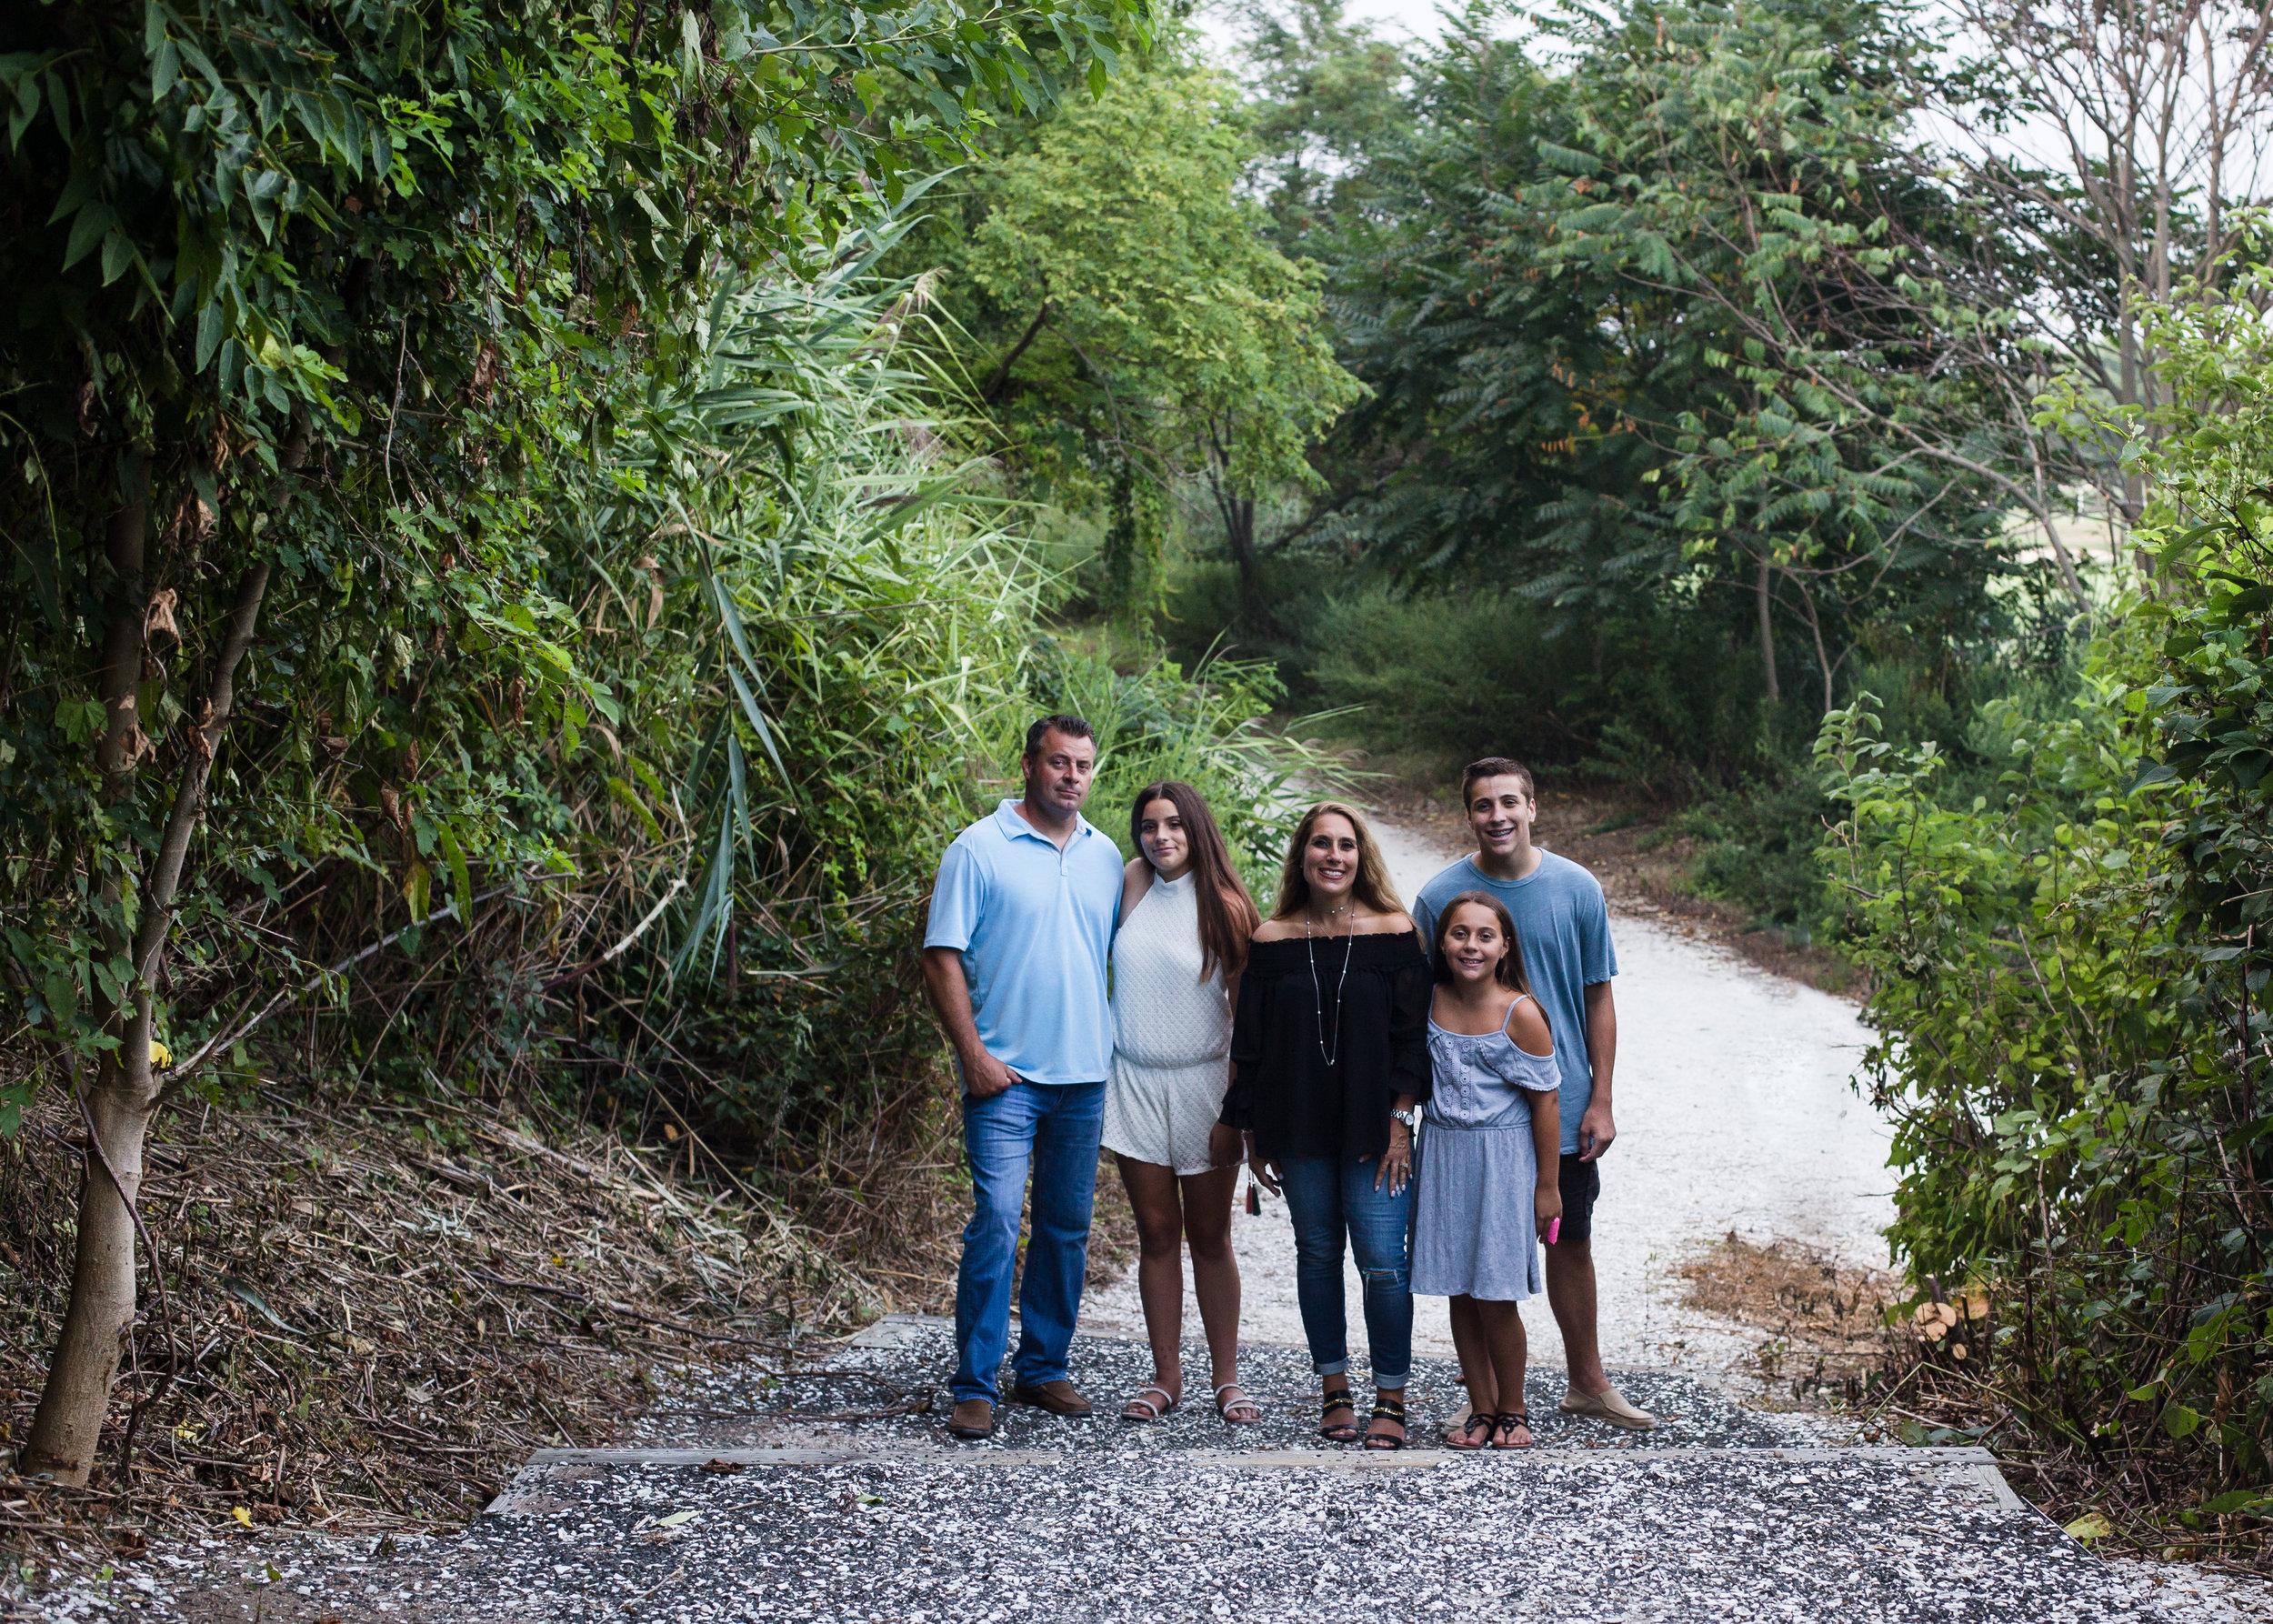 lindsaynolanphoto.com family photography norman levy preserve merrick ny